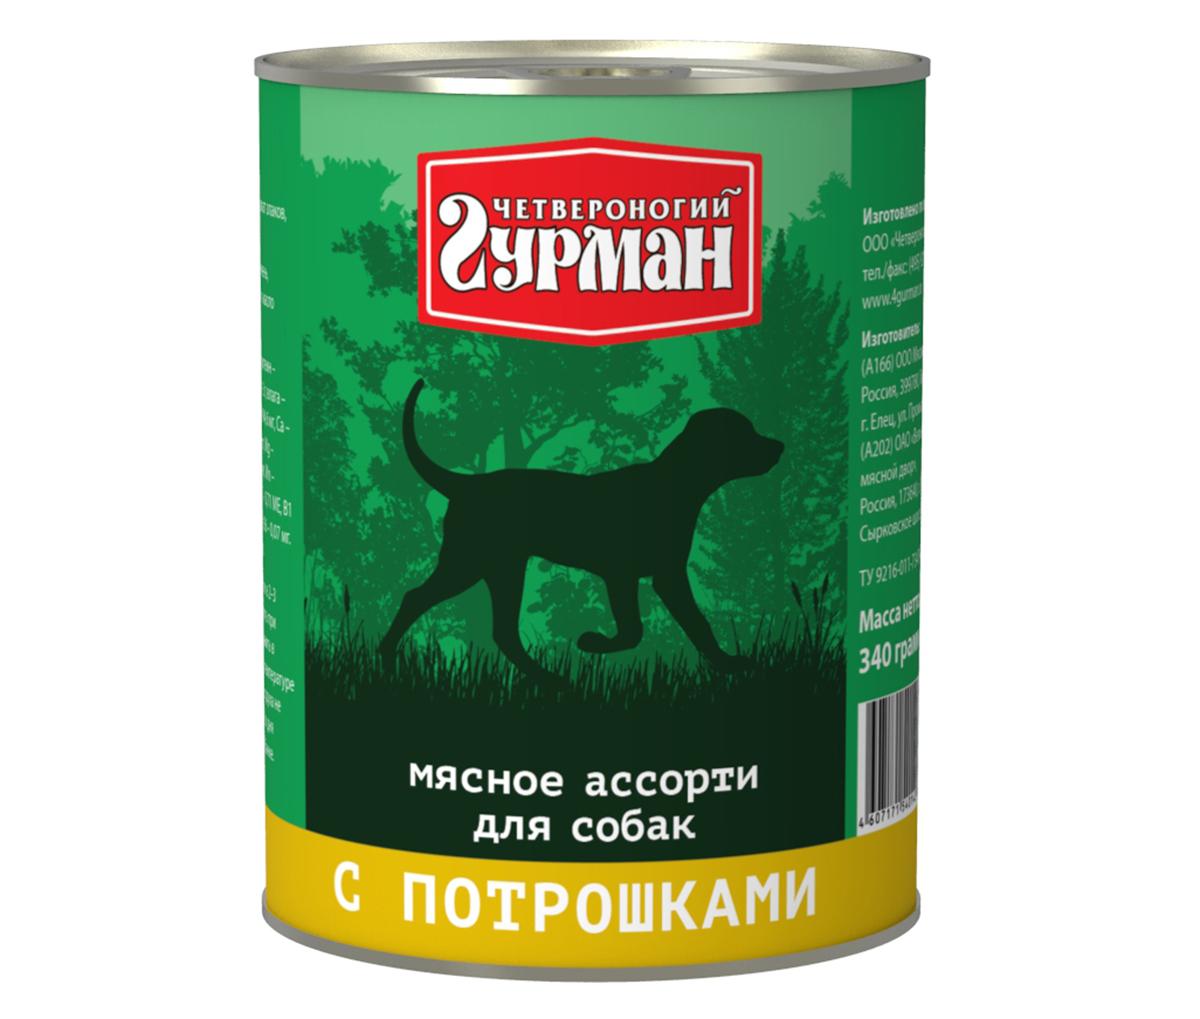 Консервы для собак Четвероногий гурман Мясное ассорти с потрошками, 340 г 103109010